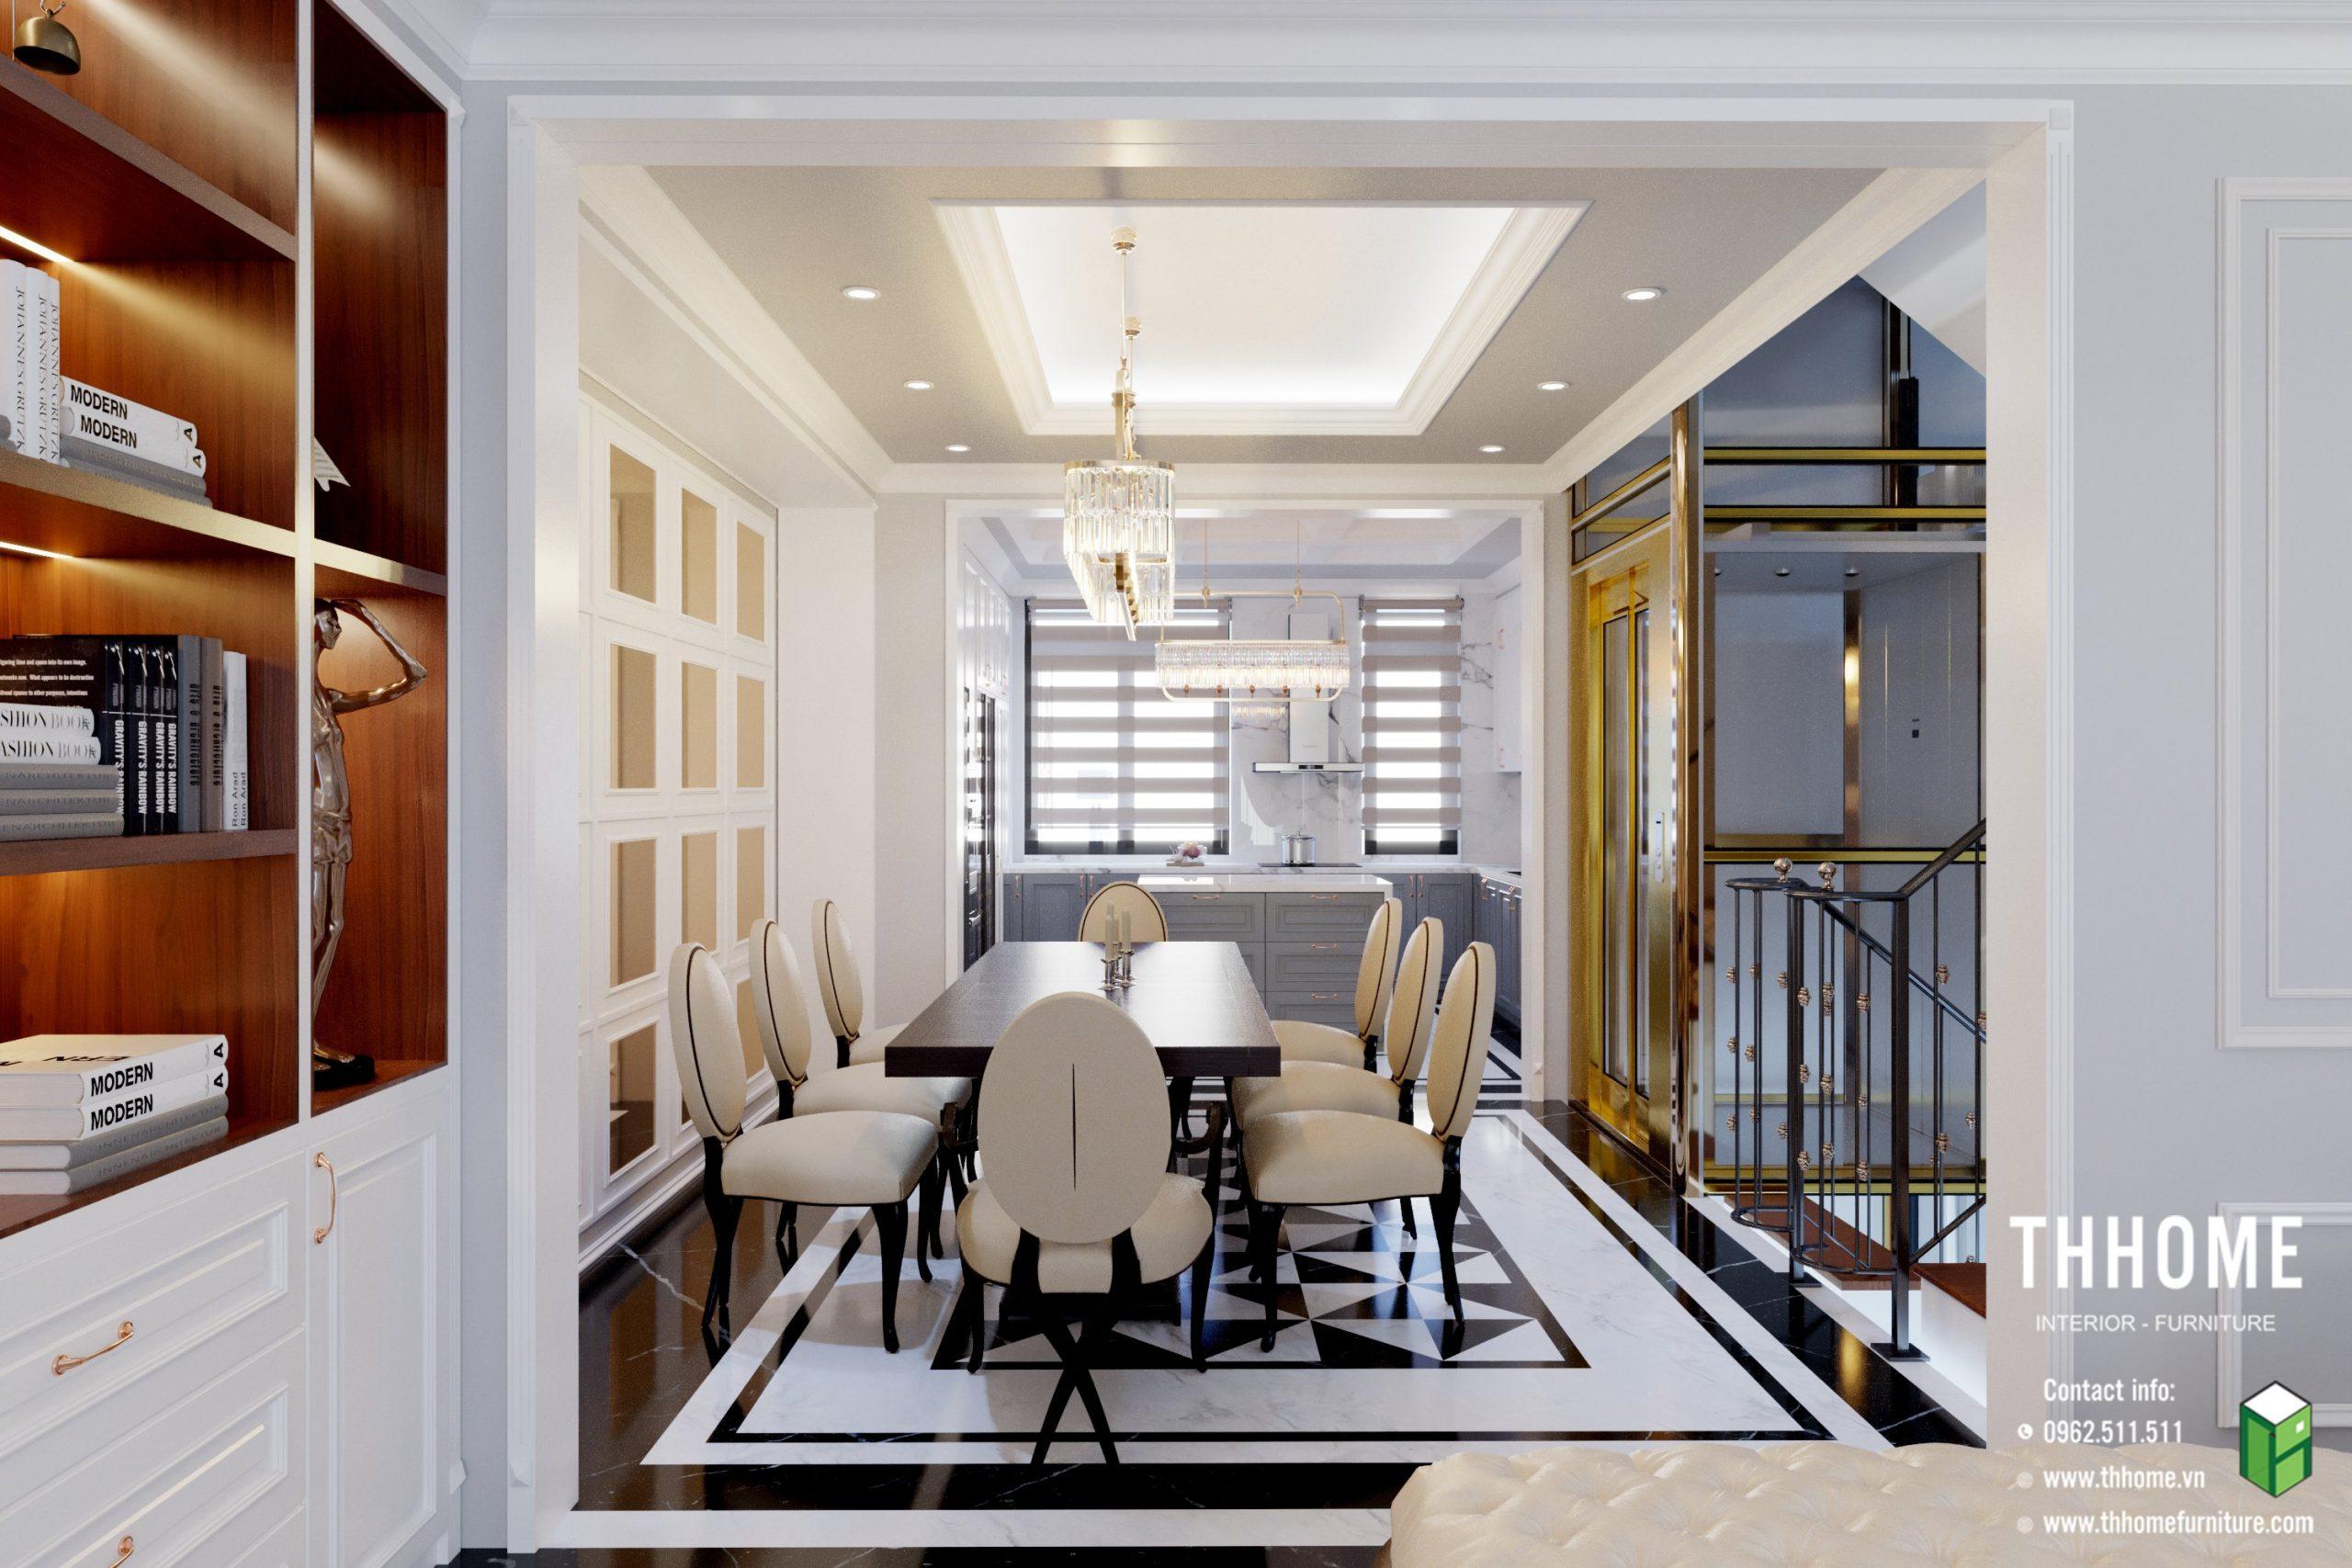 Lựa chọn dịch vụ thiết kế thi công nội thất trọn gói của TH Home